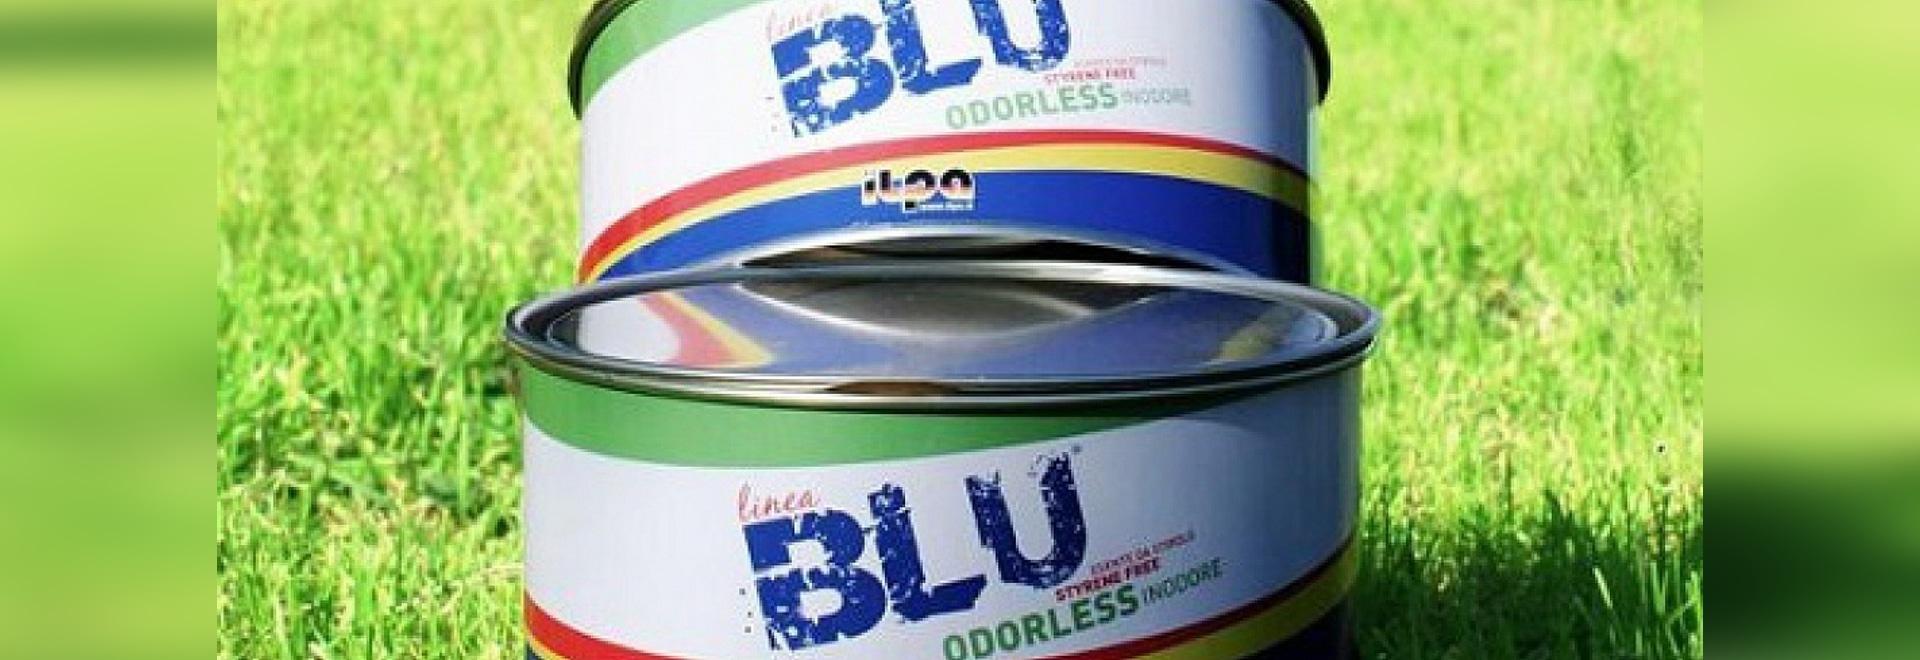 BLU è un mastice ecologico e senza stirene della barca (cortesia di Ilpa Adesivi)